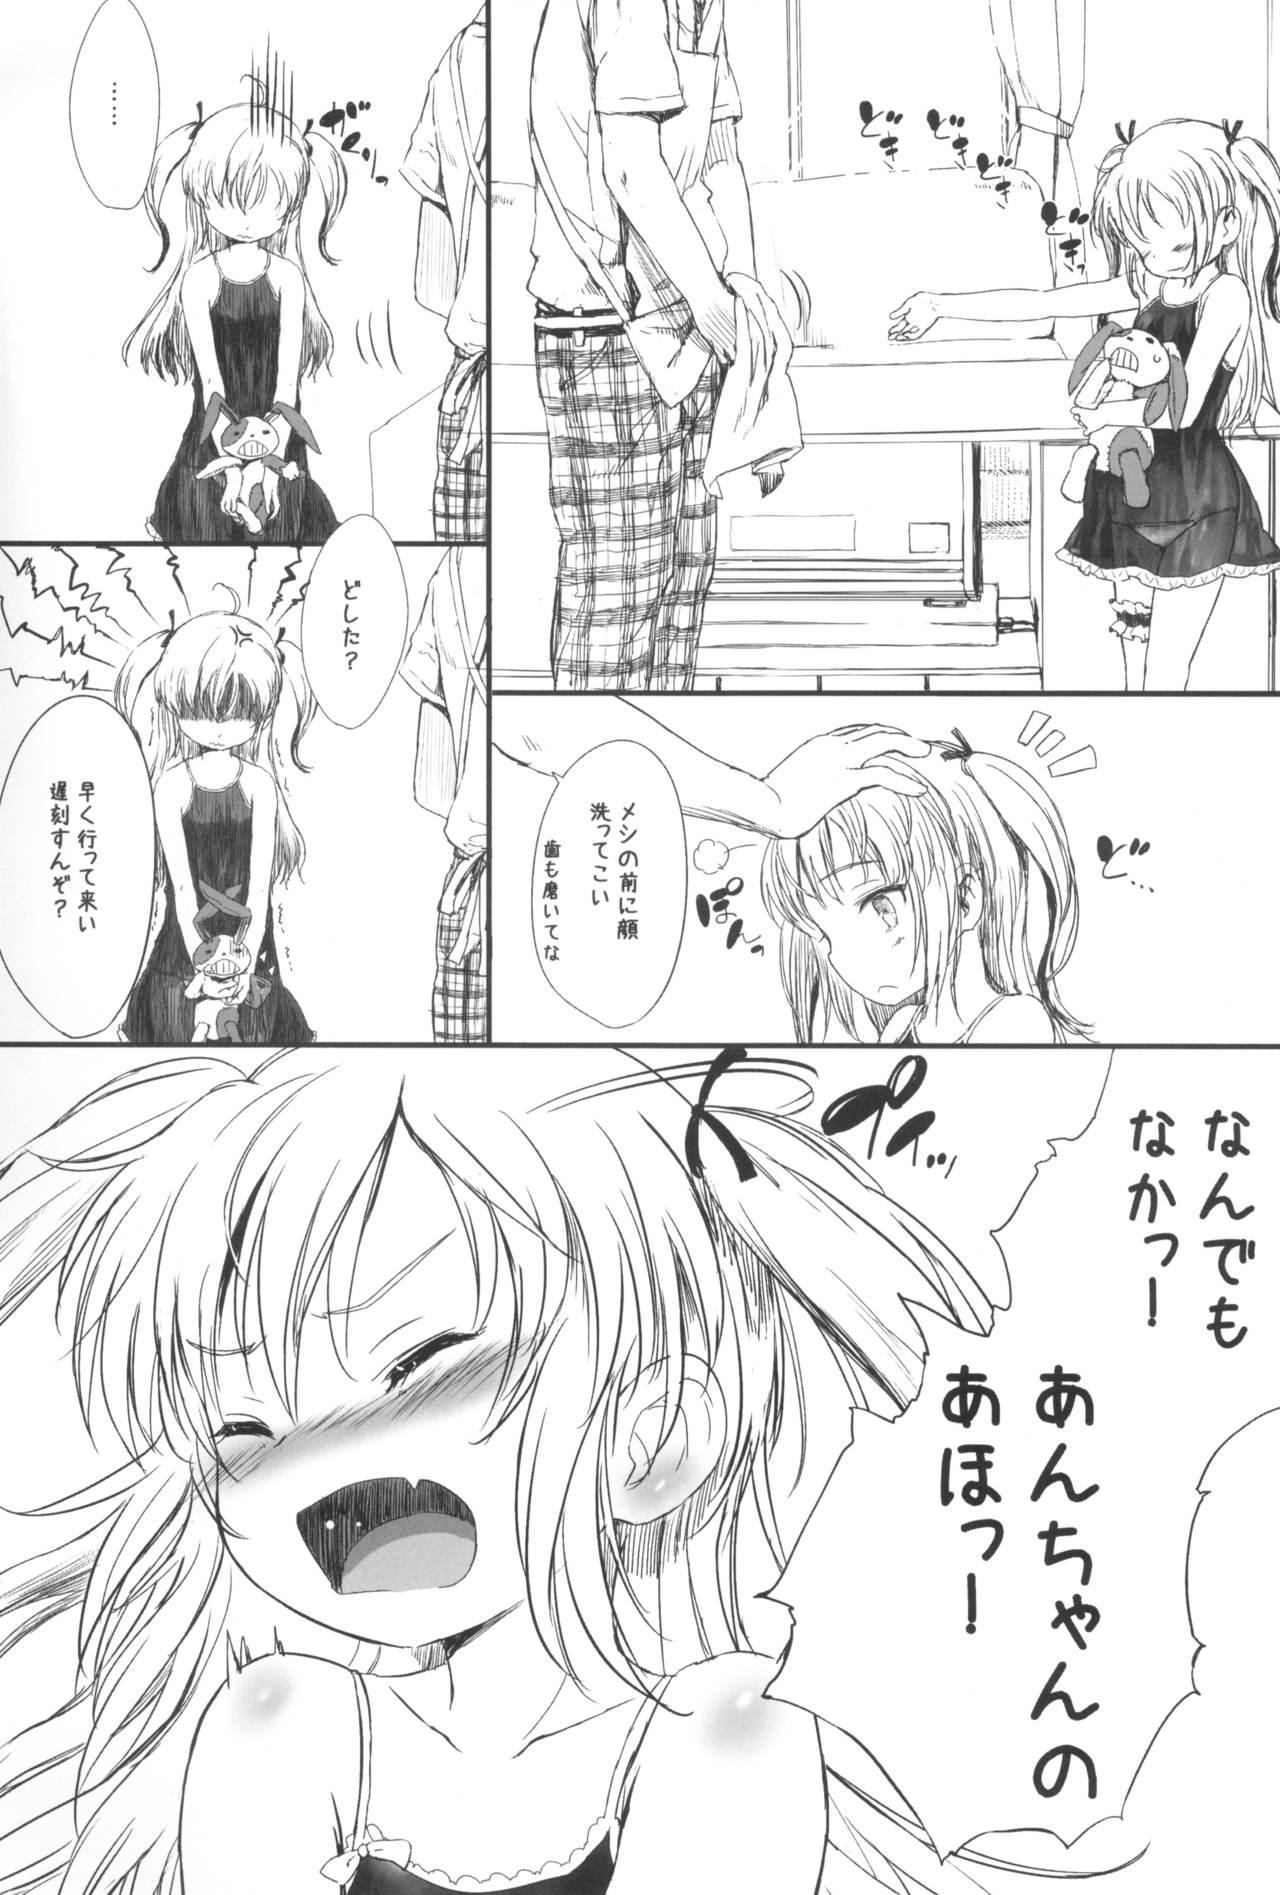 mariKoba Omake Nobato wa Nido Saezuru 6